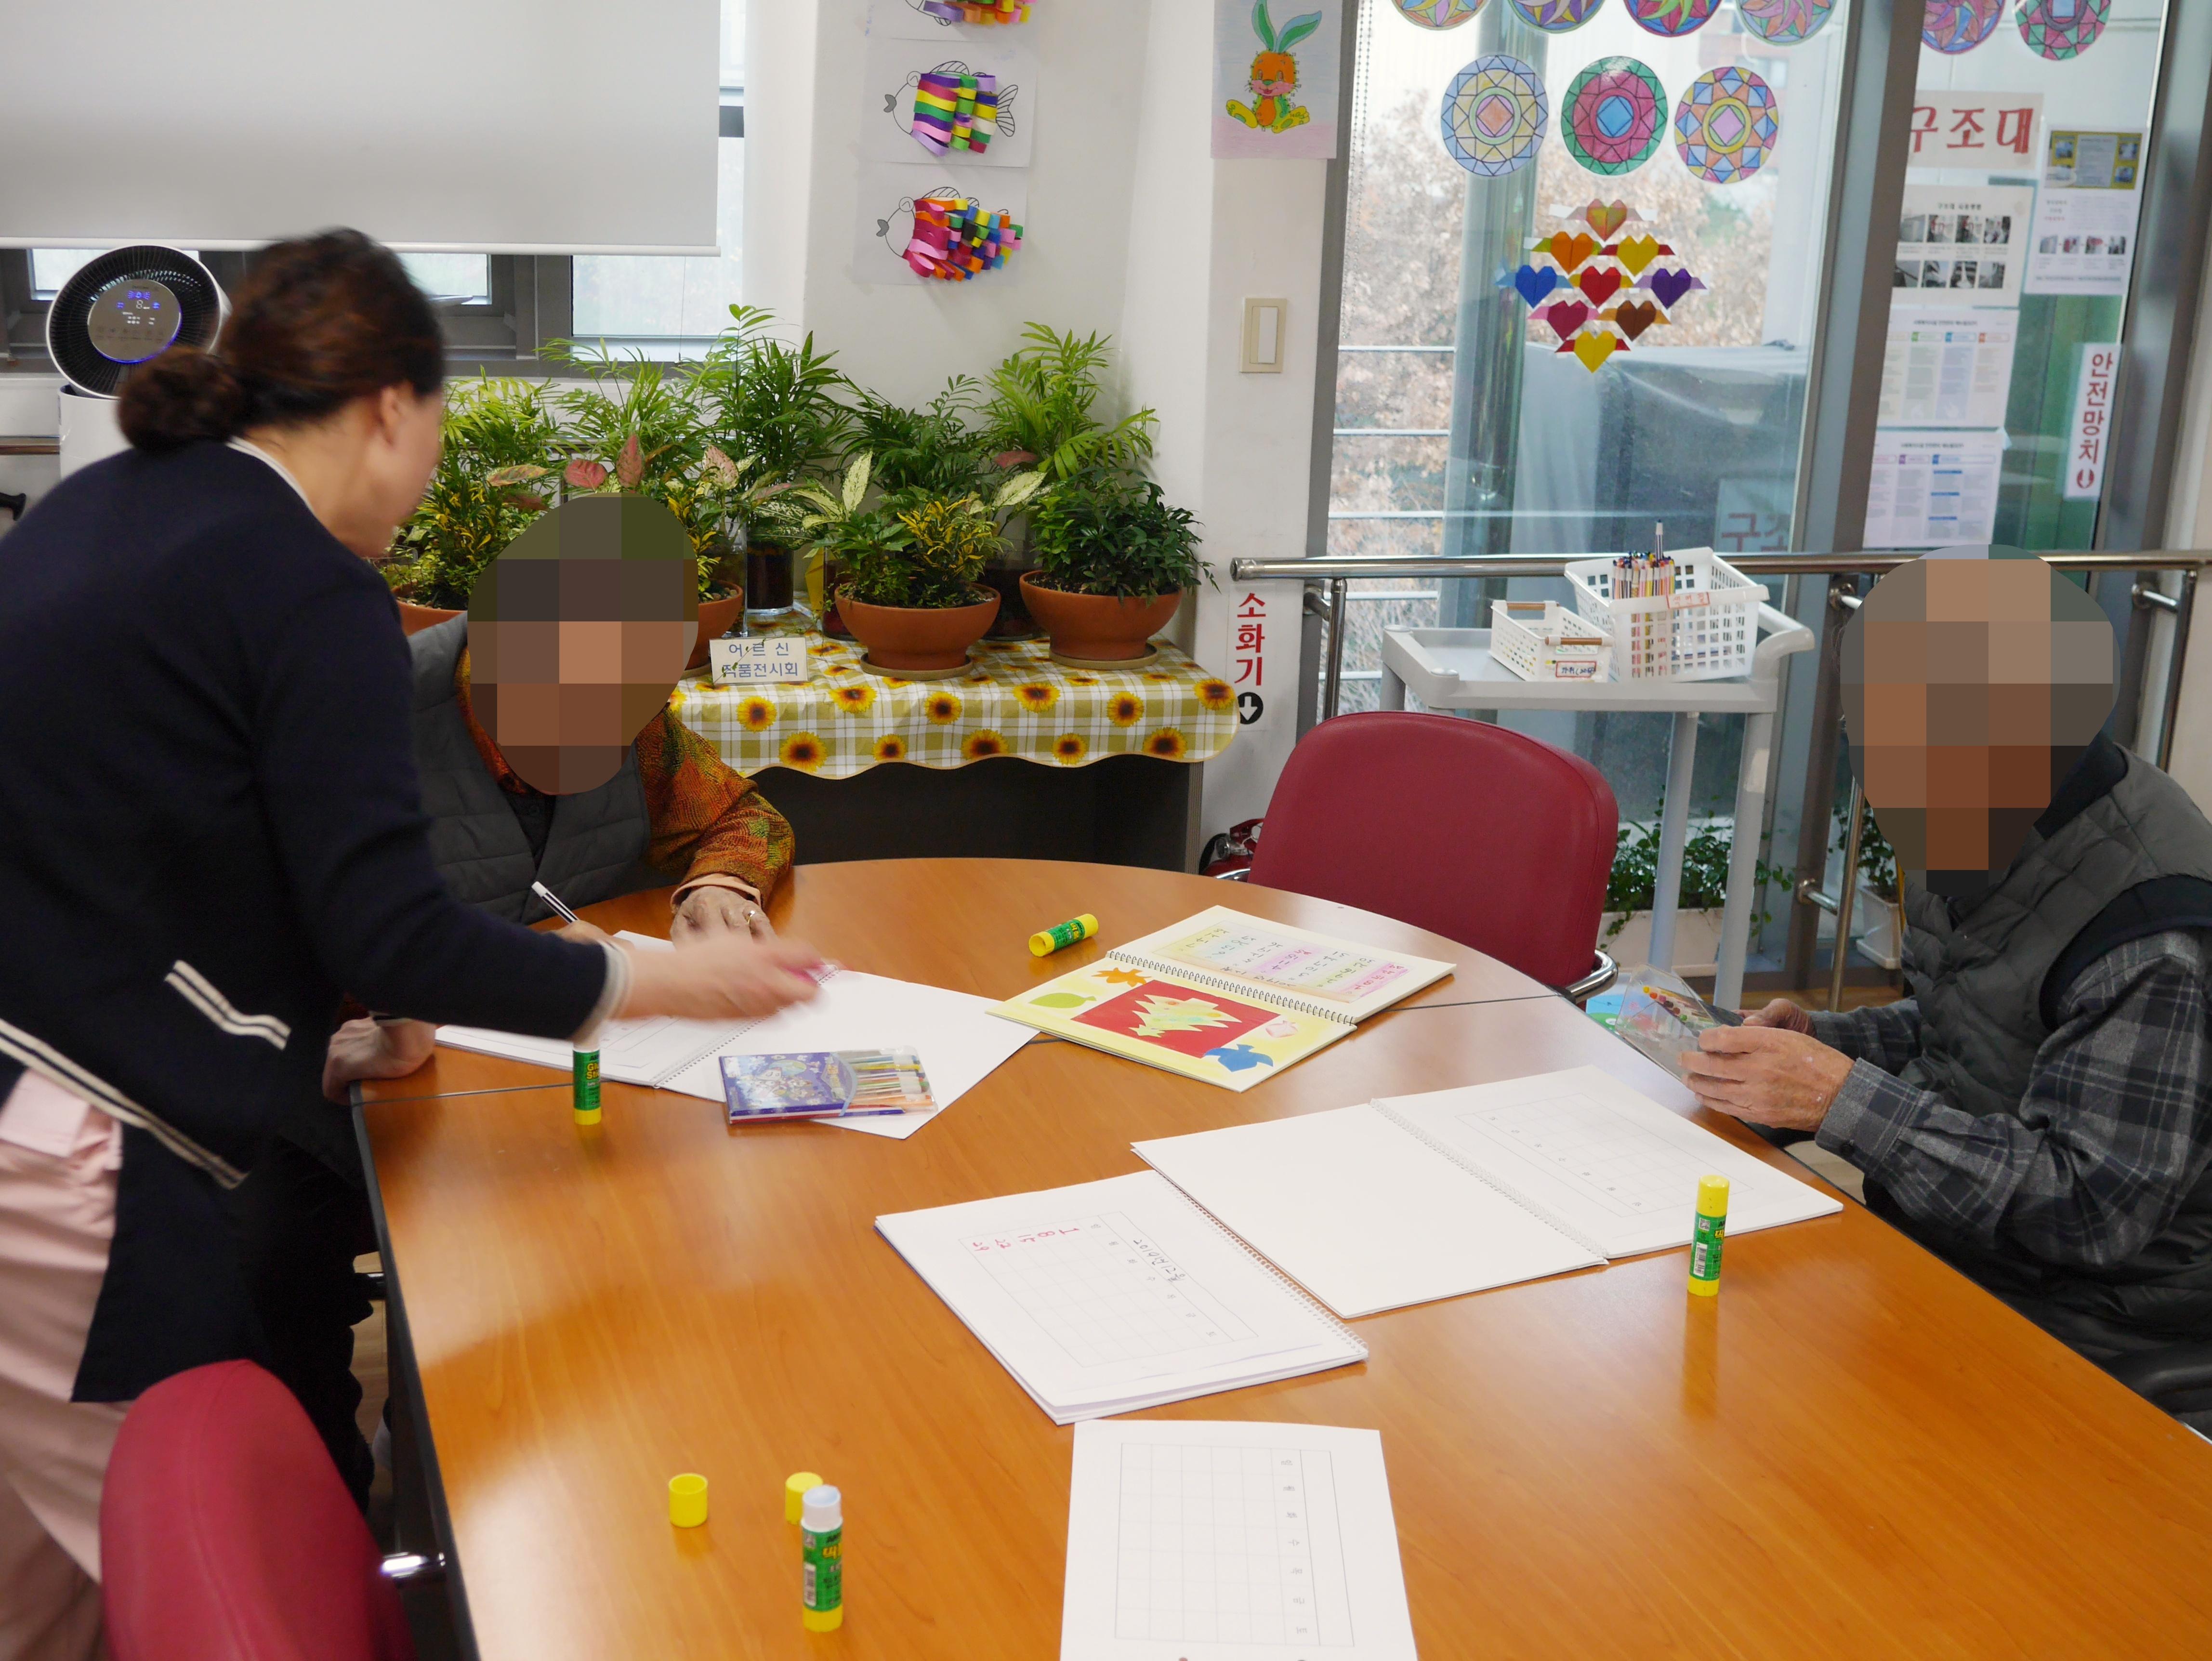 주야간보호센터 12월 종이접기 프로그램 사진입니다.